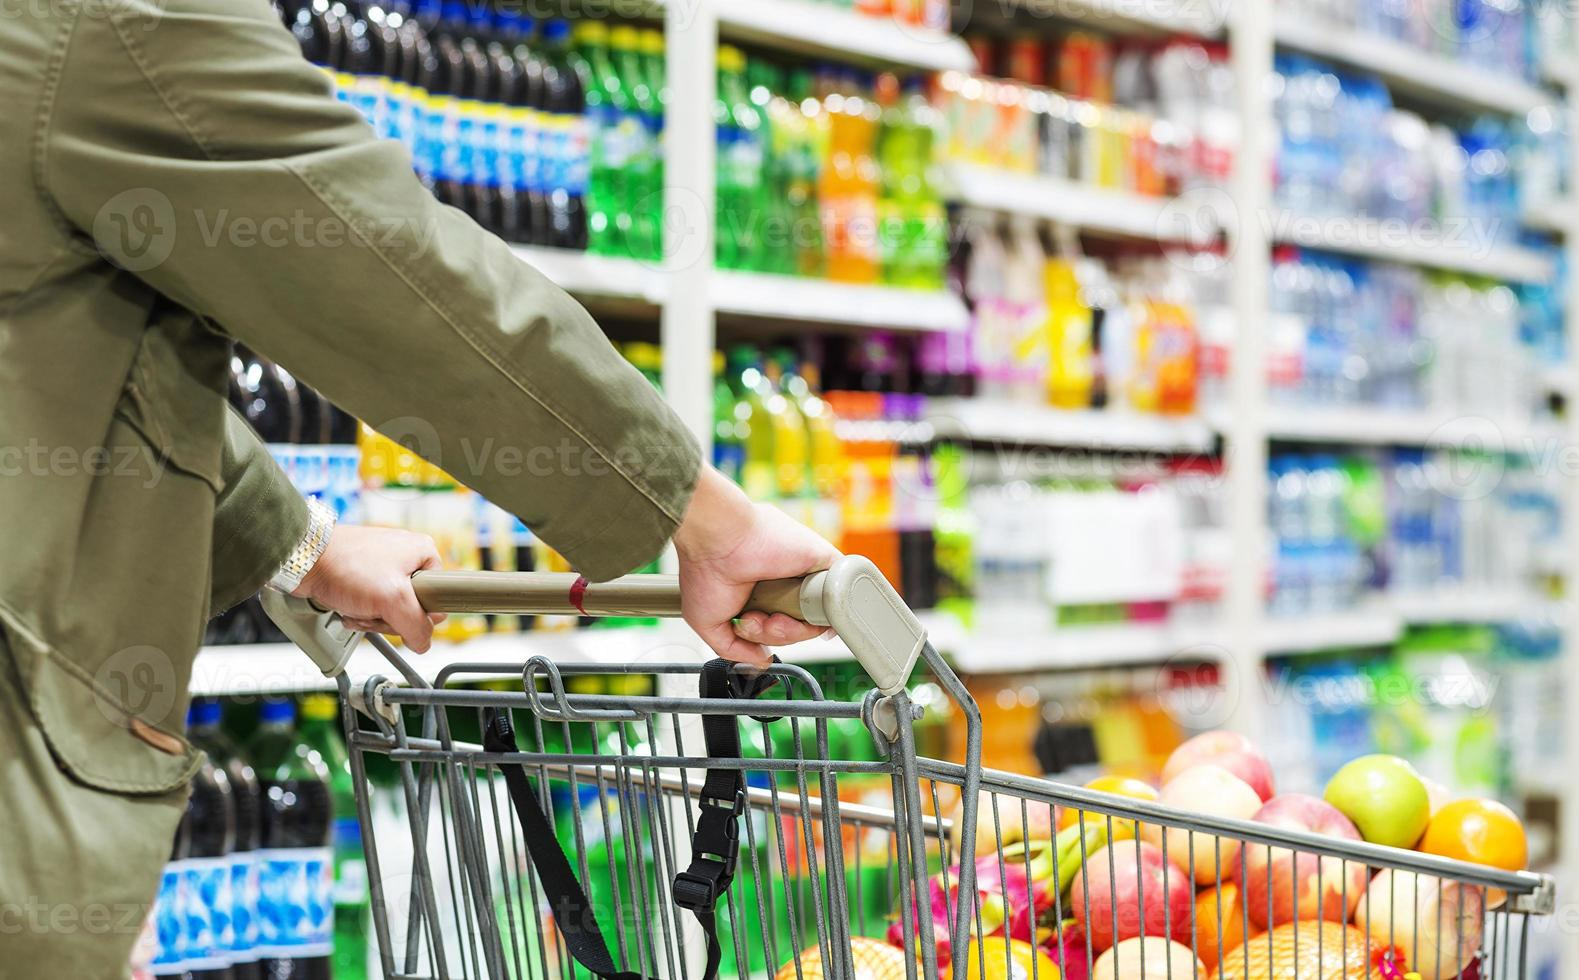 blanke man duwen een volle kar in een supermarkt foto